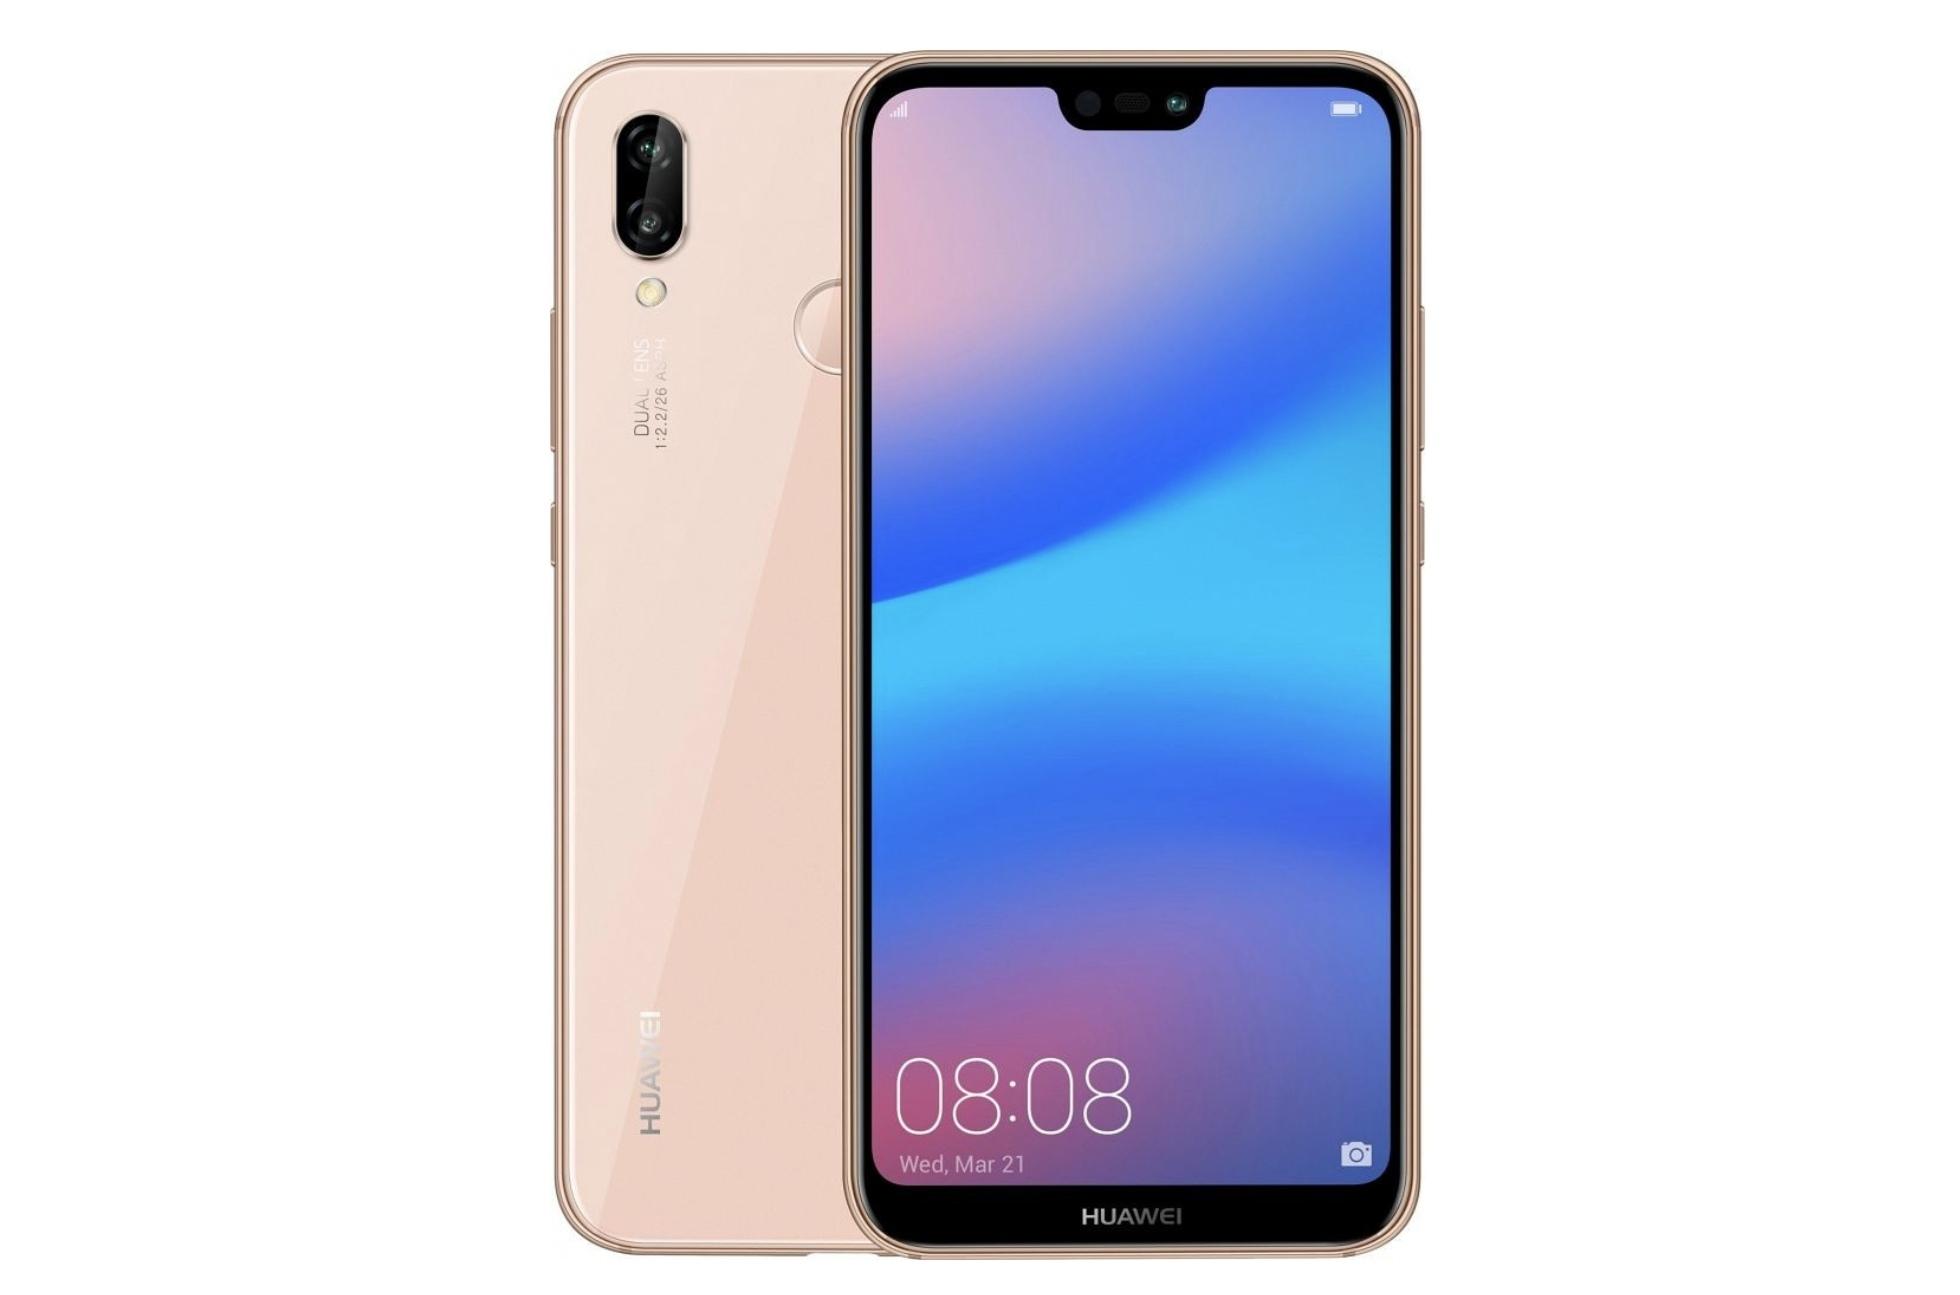 2e13c144b1809 Aký mobil kúpiť na jeseň 2018 za 100, 200, 400, alebo viac eur? | Sector